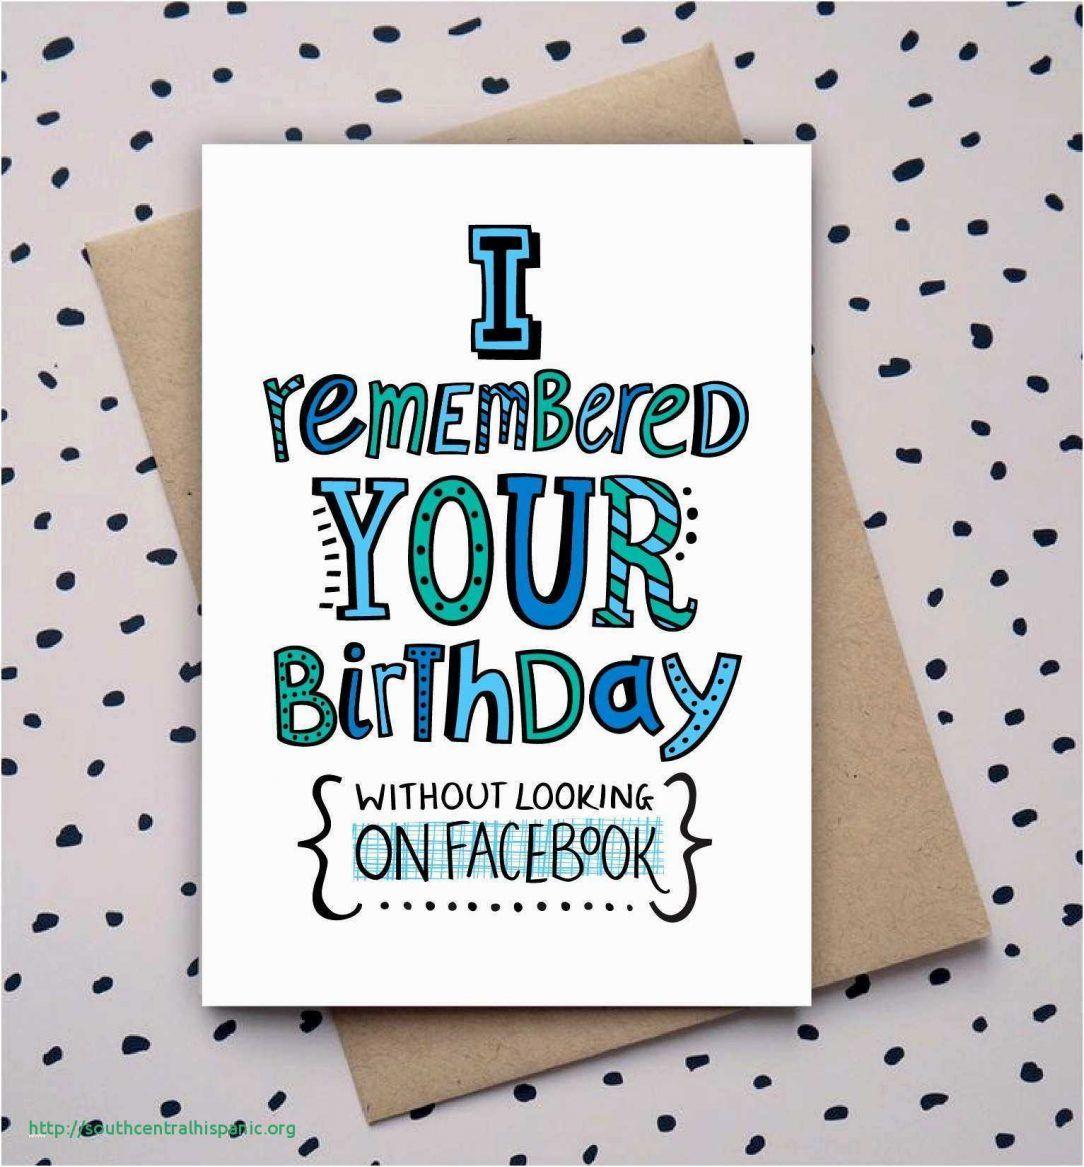 Cute card ideas for birthday cute birthday card ideas for